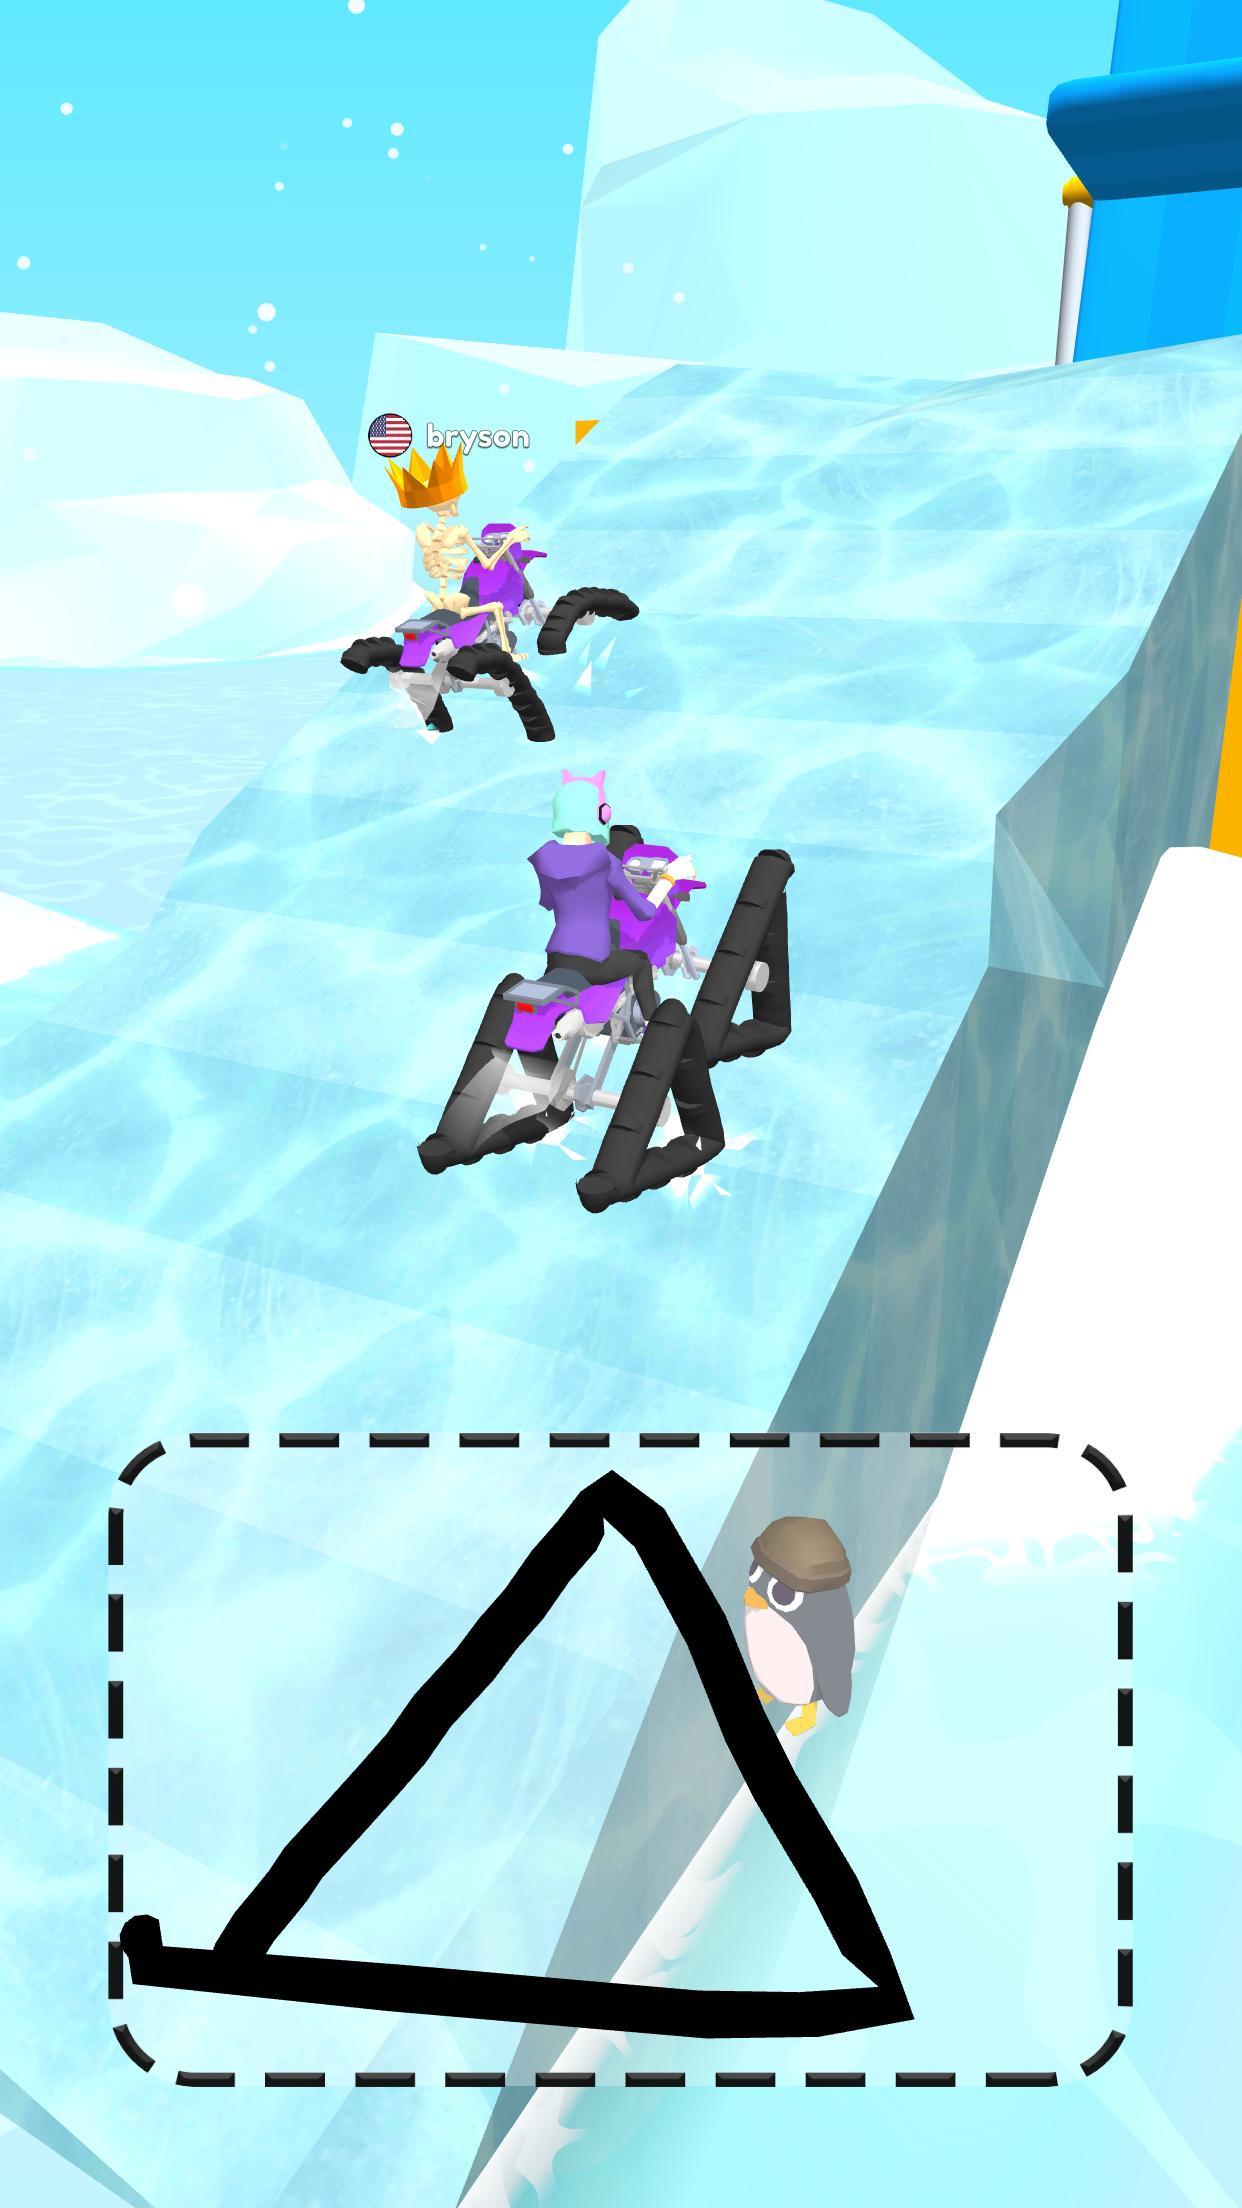 تحميل لعبة Scribble Rider للجوال مجانًا